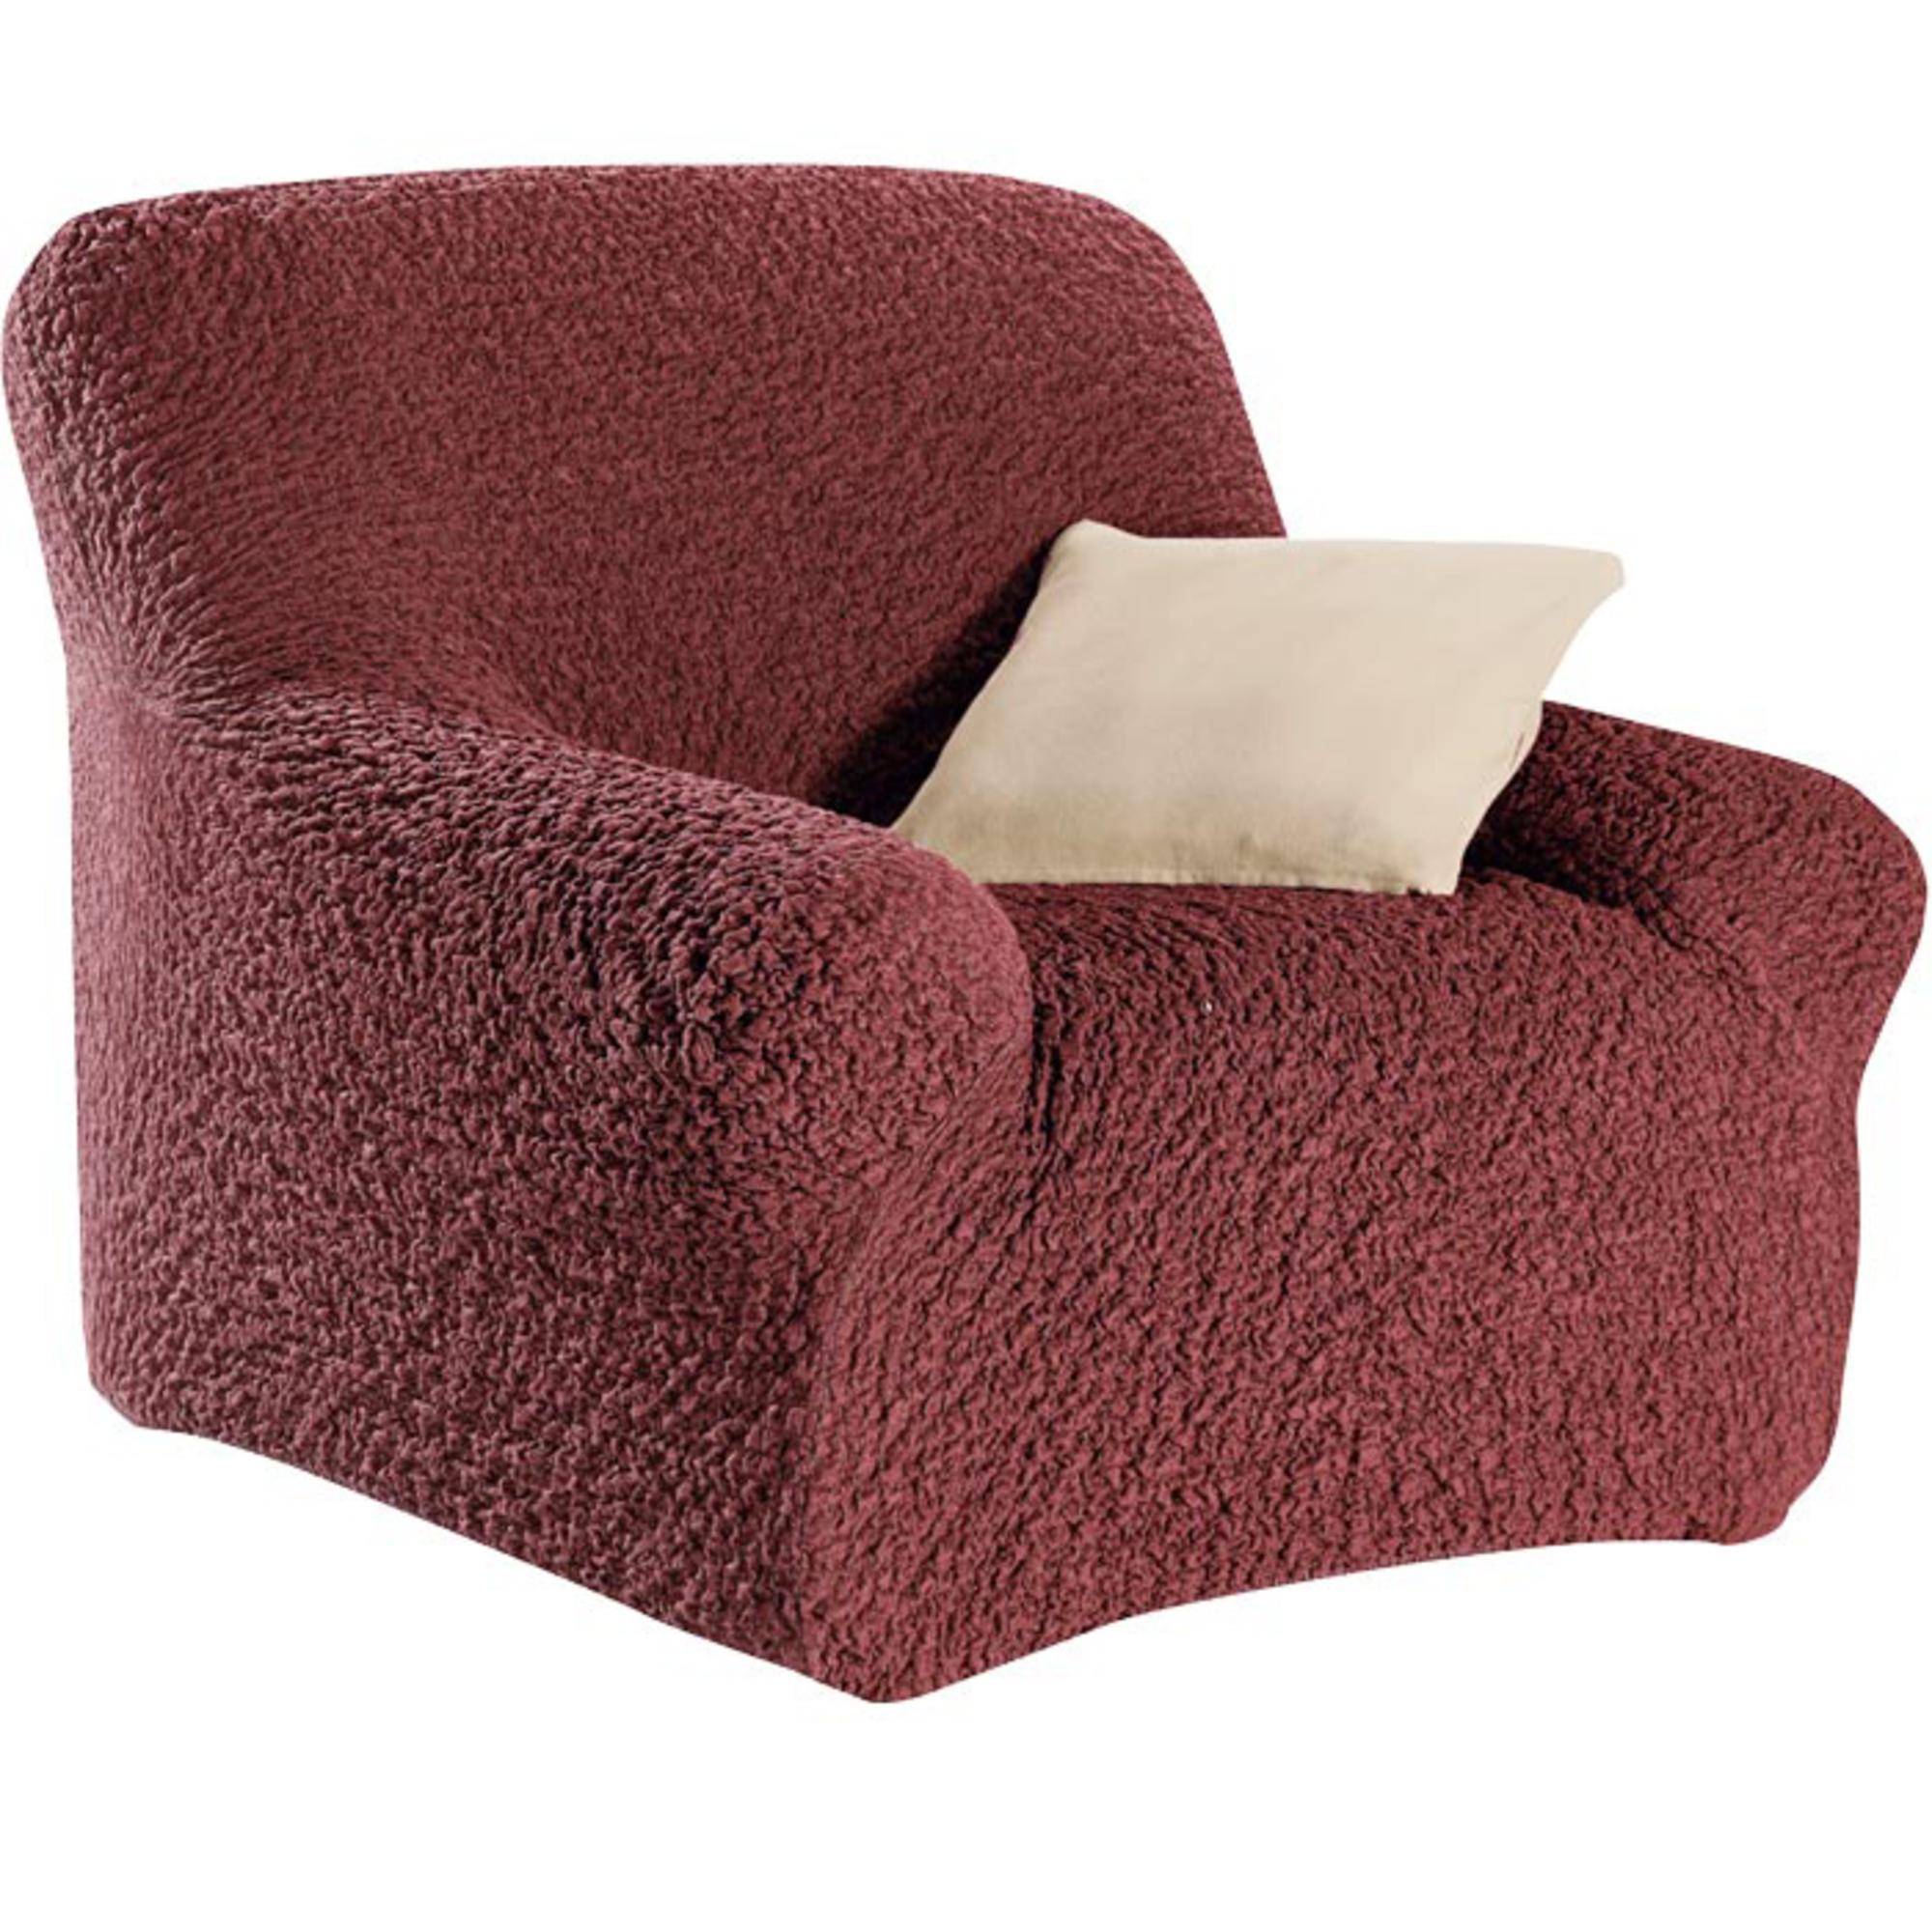 housse fauteuil gaufr e brio grenat acheter ce produit au meilleur prix. Black Bedroom Furniture Sets. Home Design Ideas